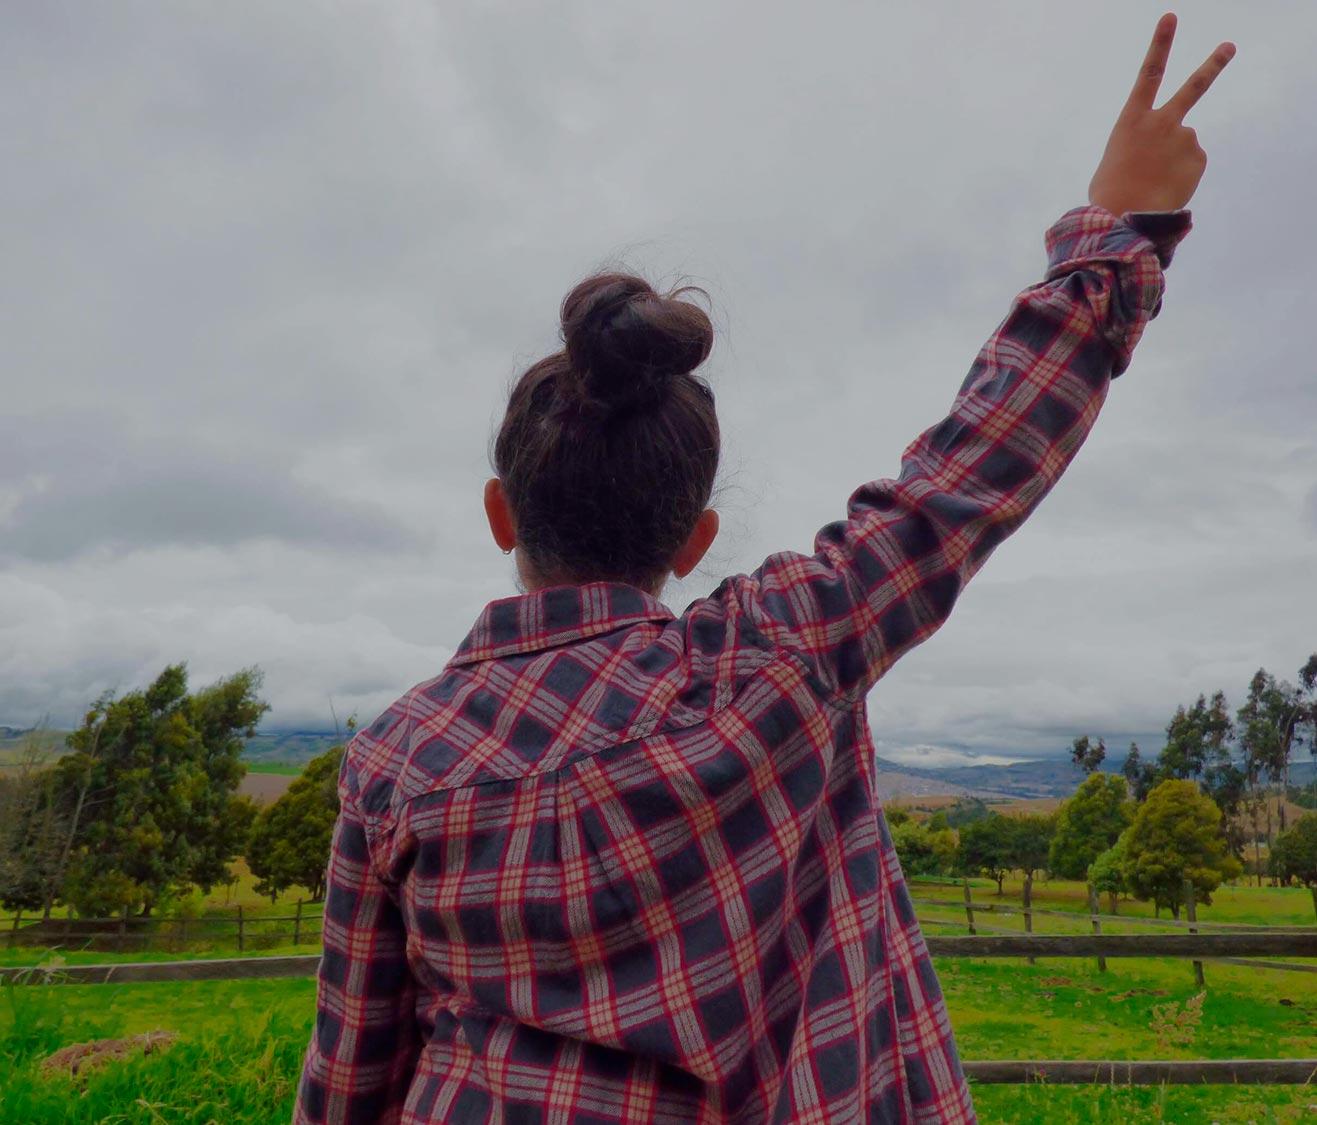 Mujer de espaldas - victoria y libertad